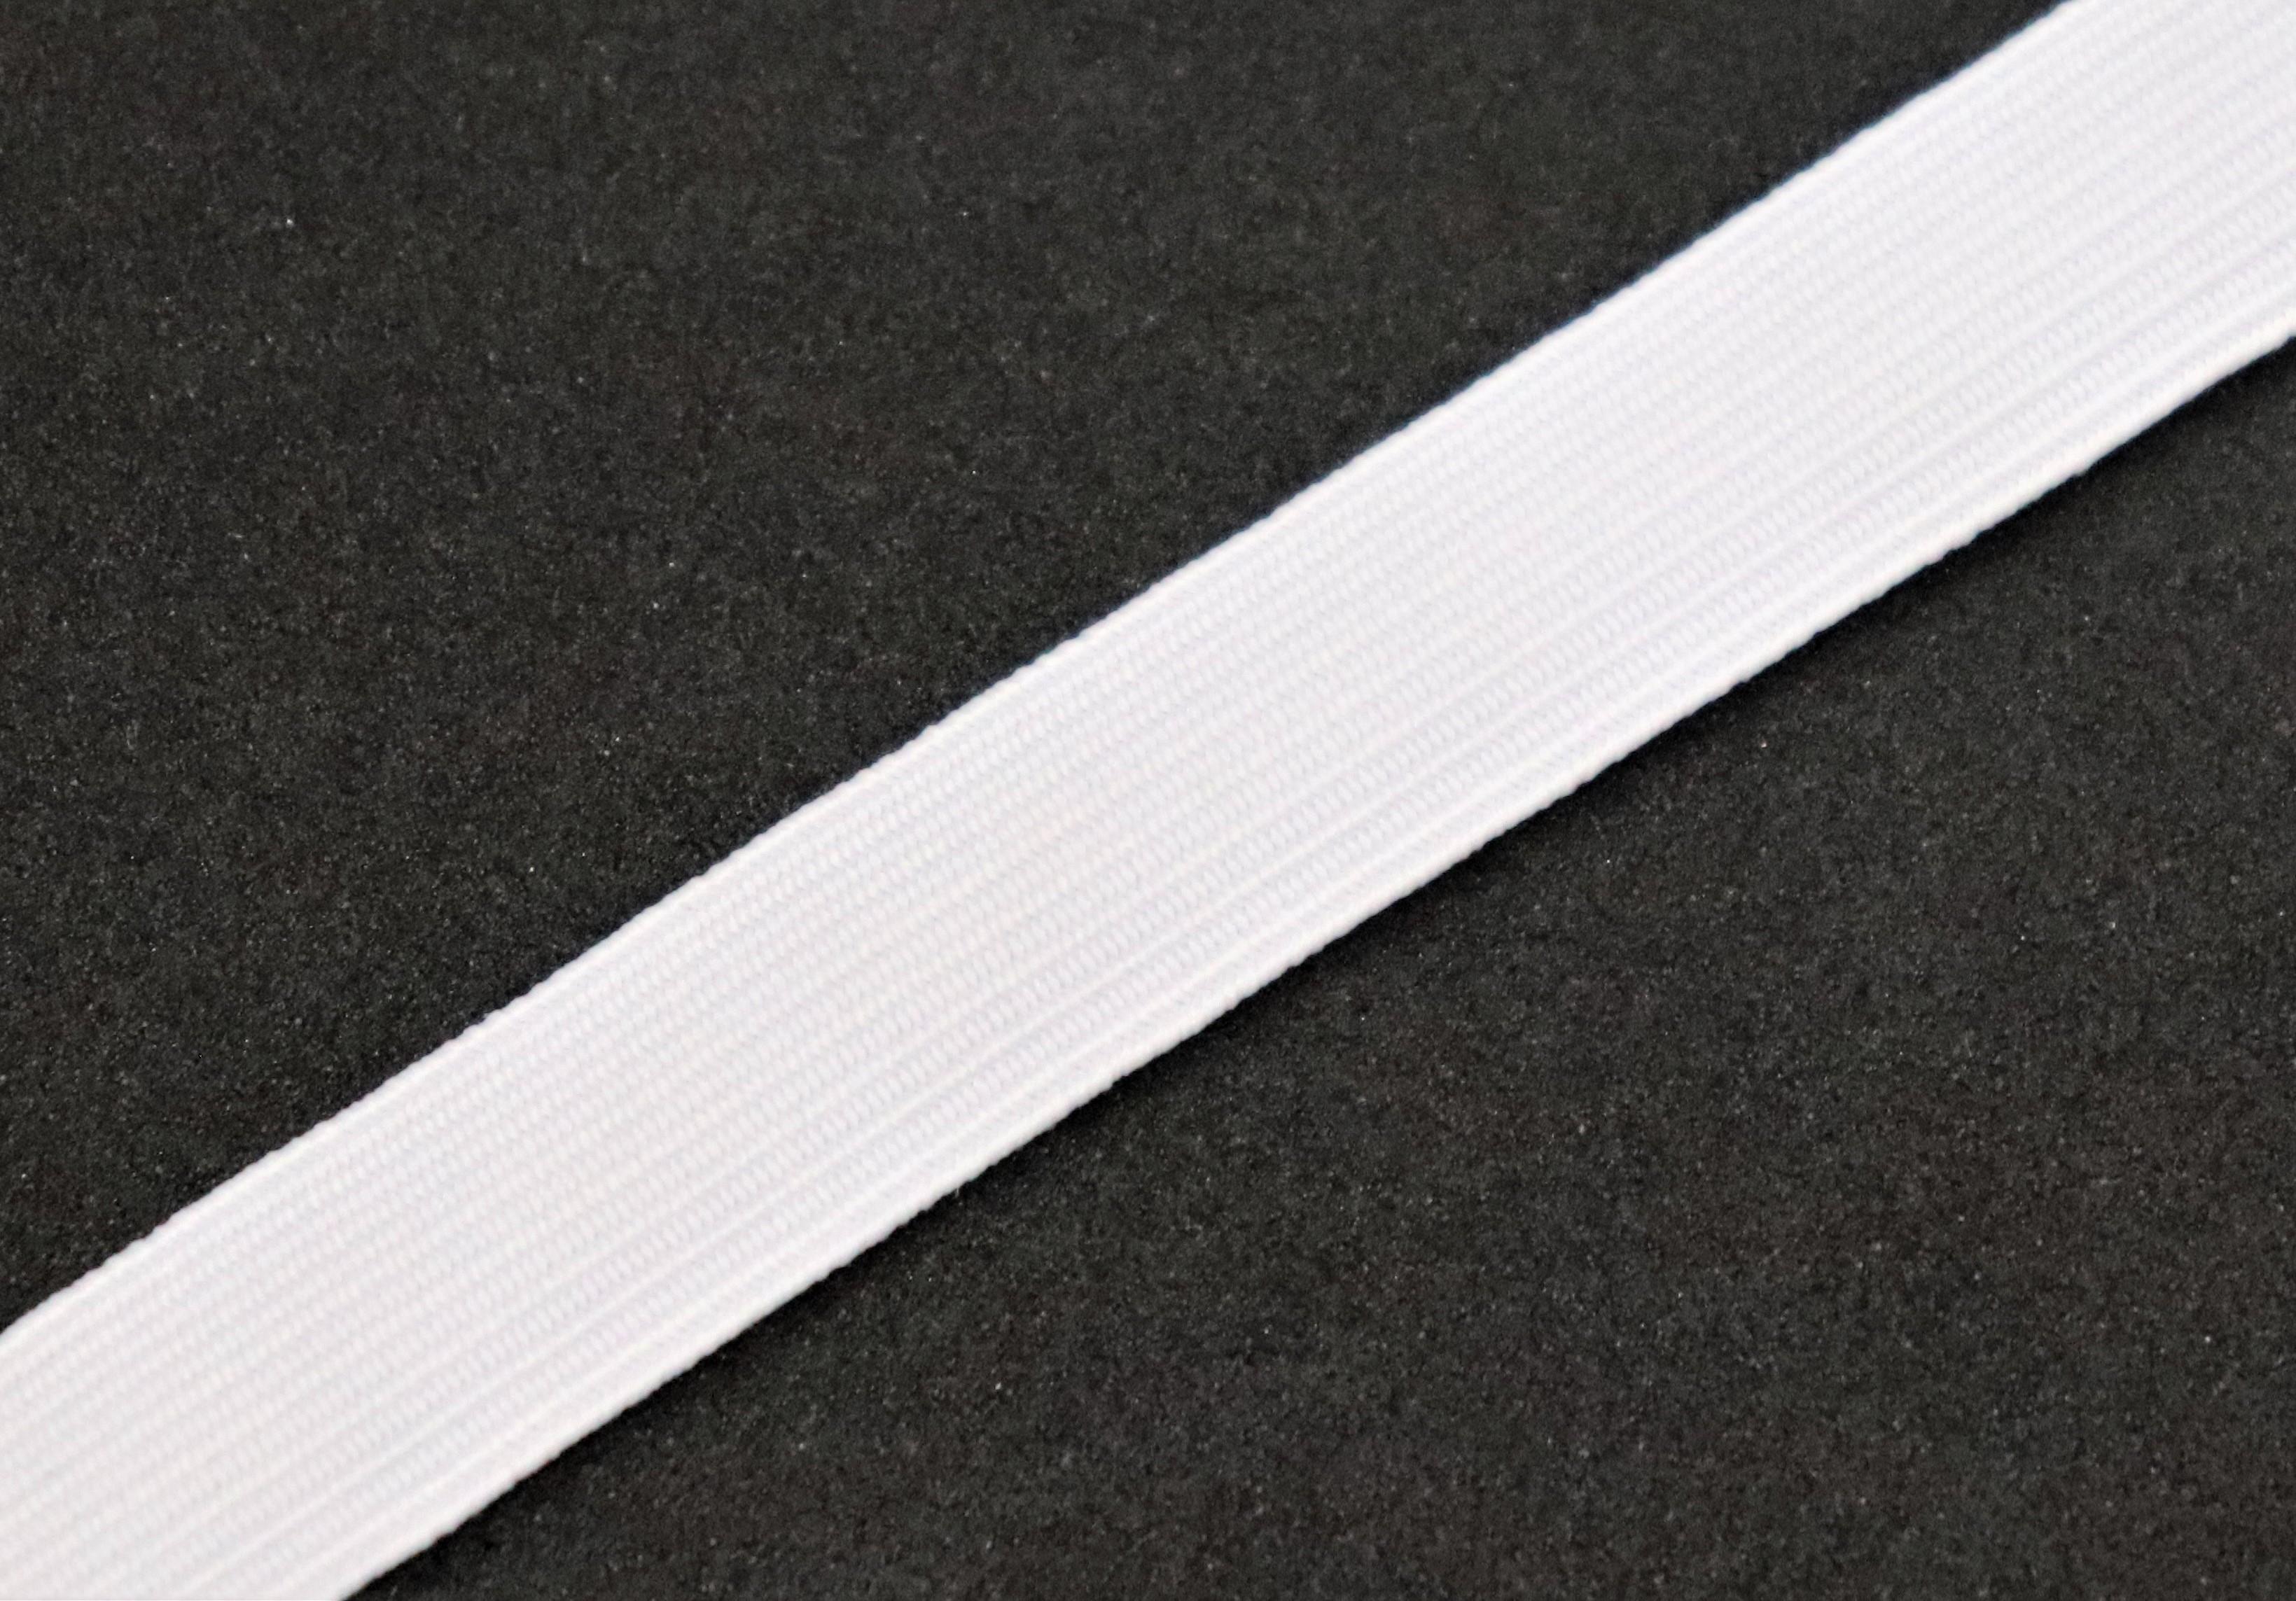 Prádlová pruženka bílá 10 mm - zvìtšit obrázek